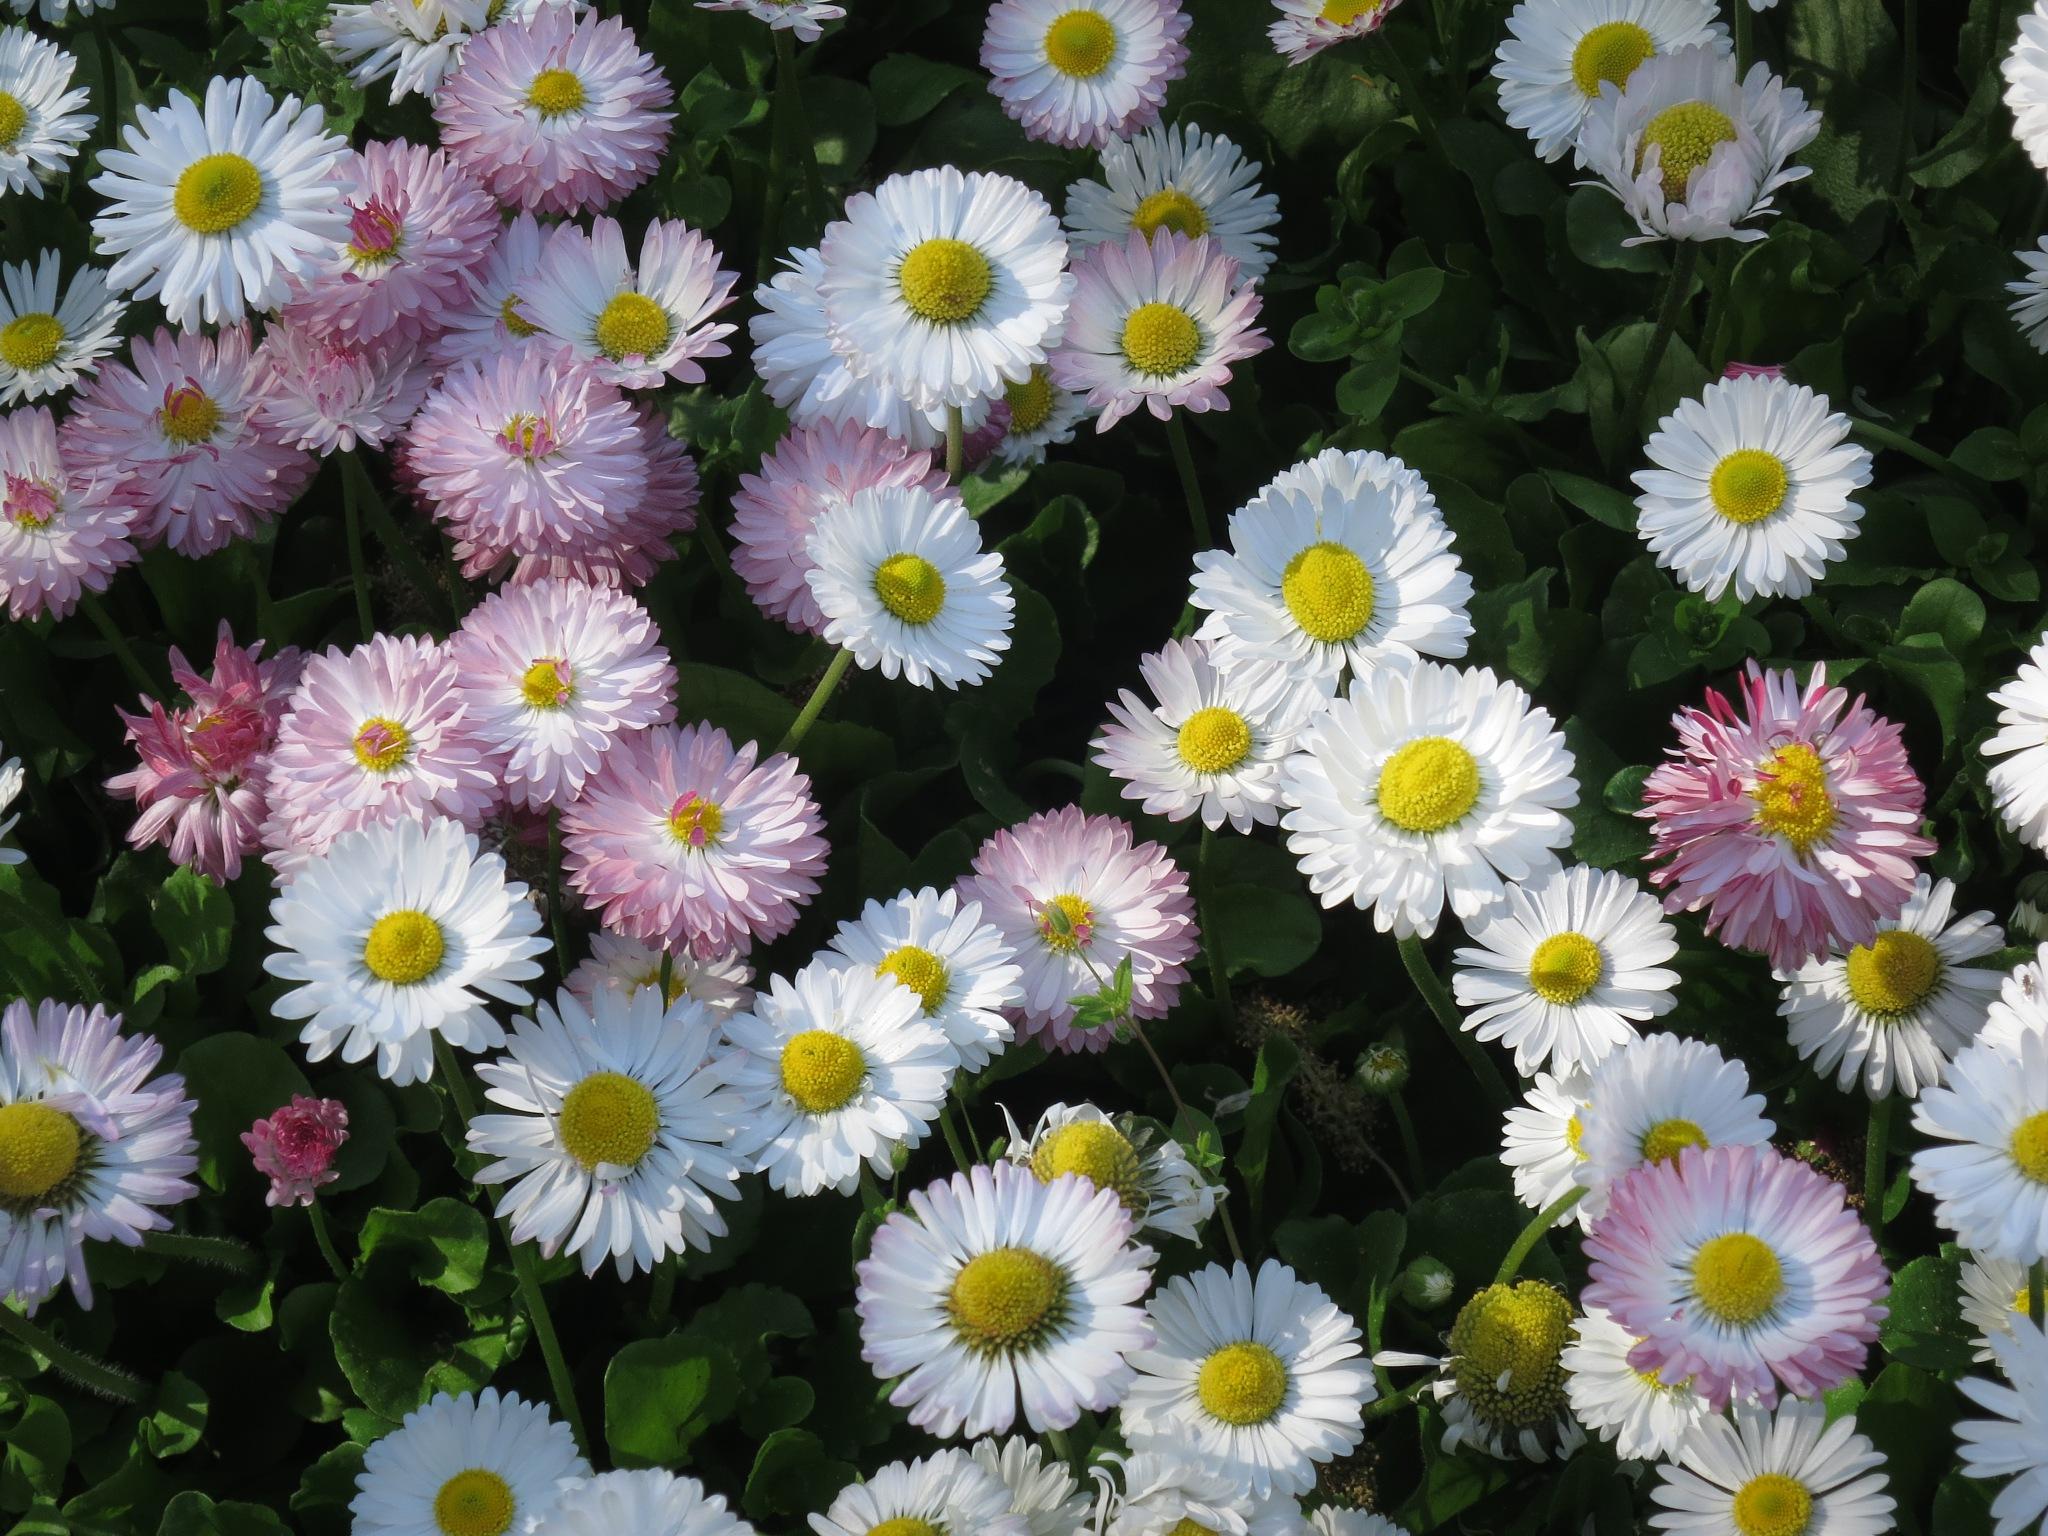 Flowers in Plovdiv 2 by GraemeLeePollard